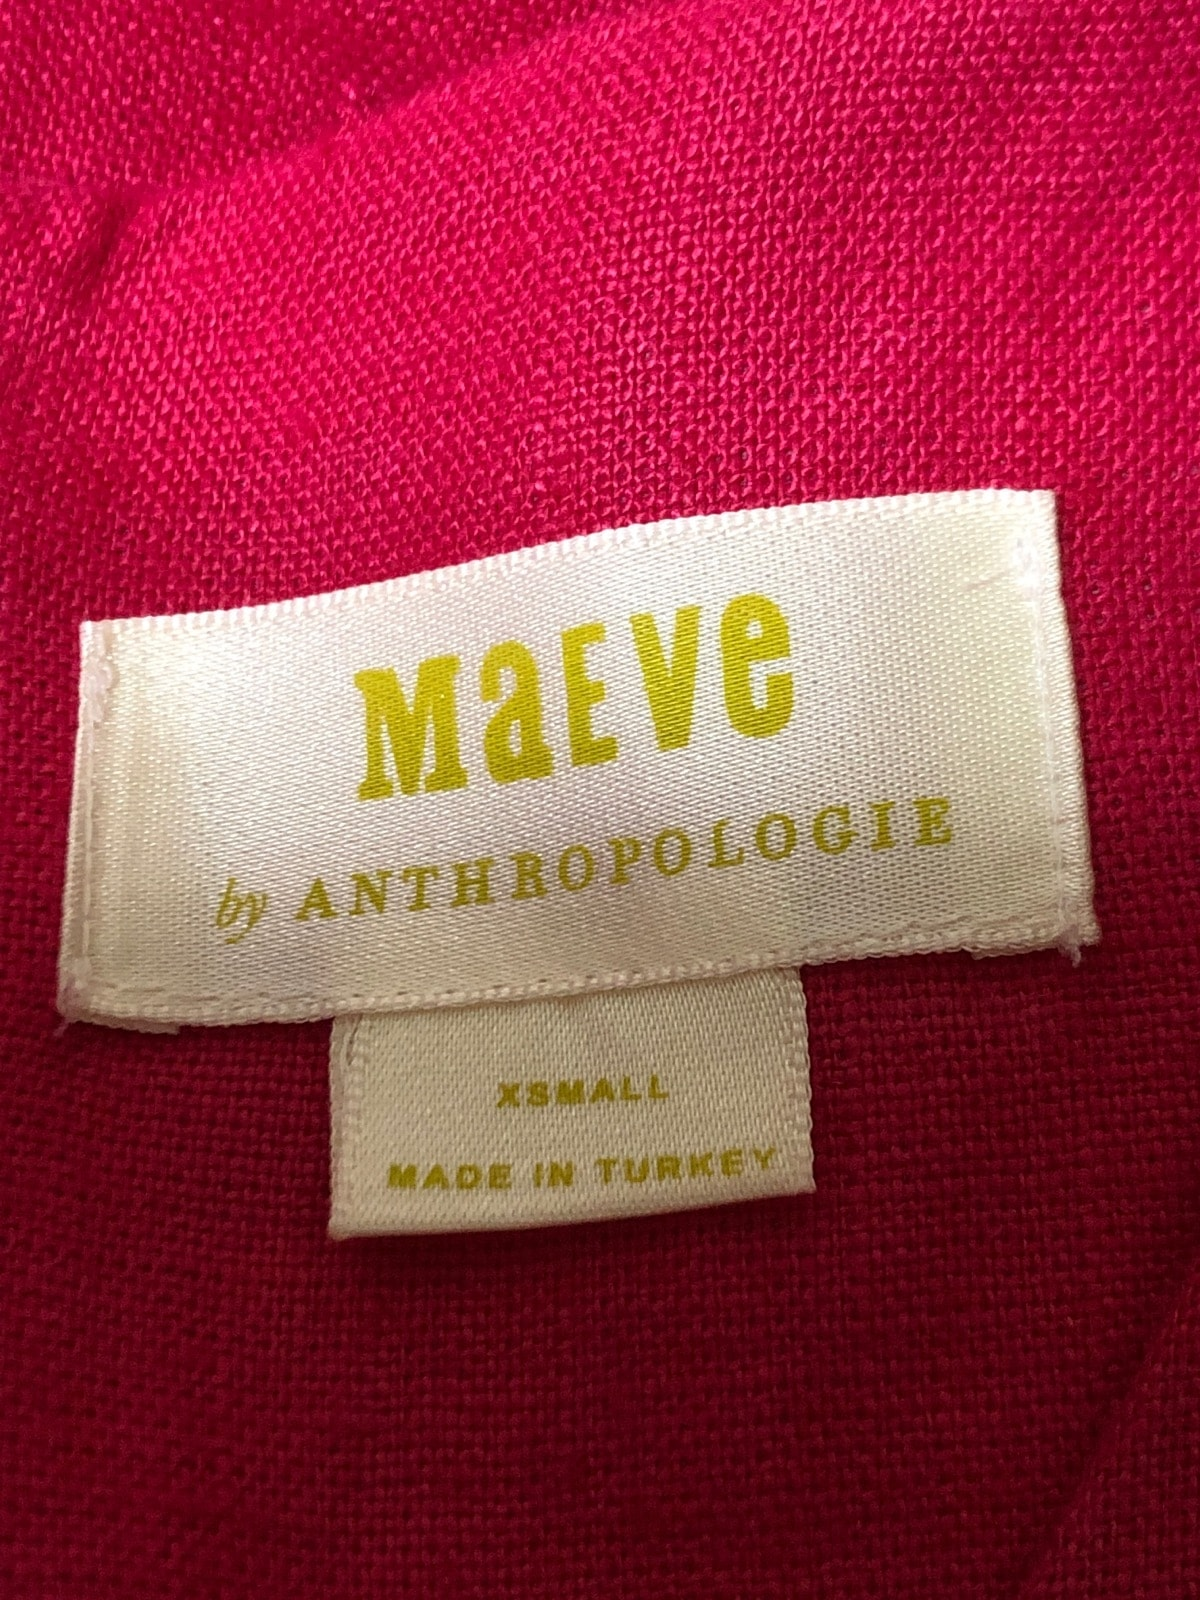 maeve(メイヴ)のワンピース